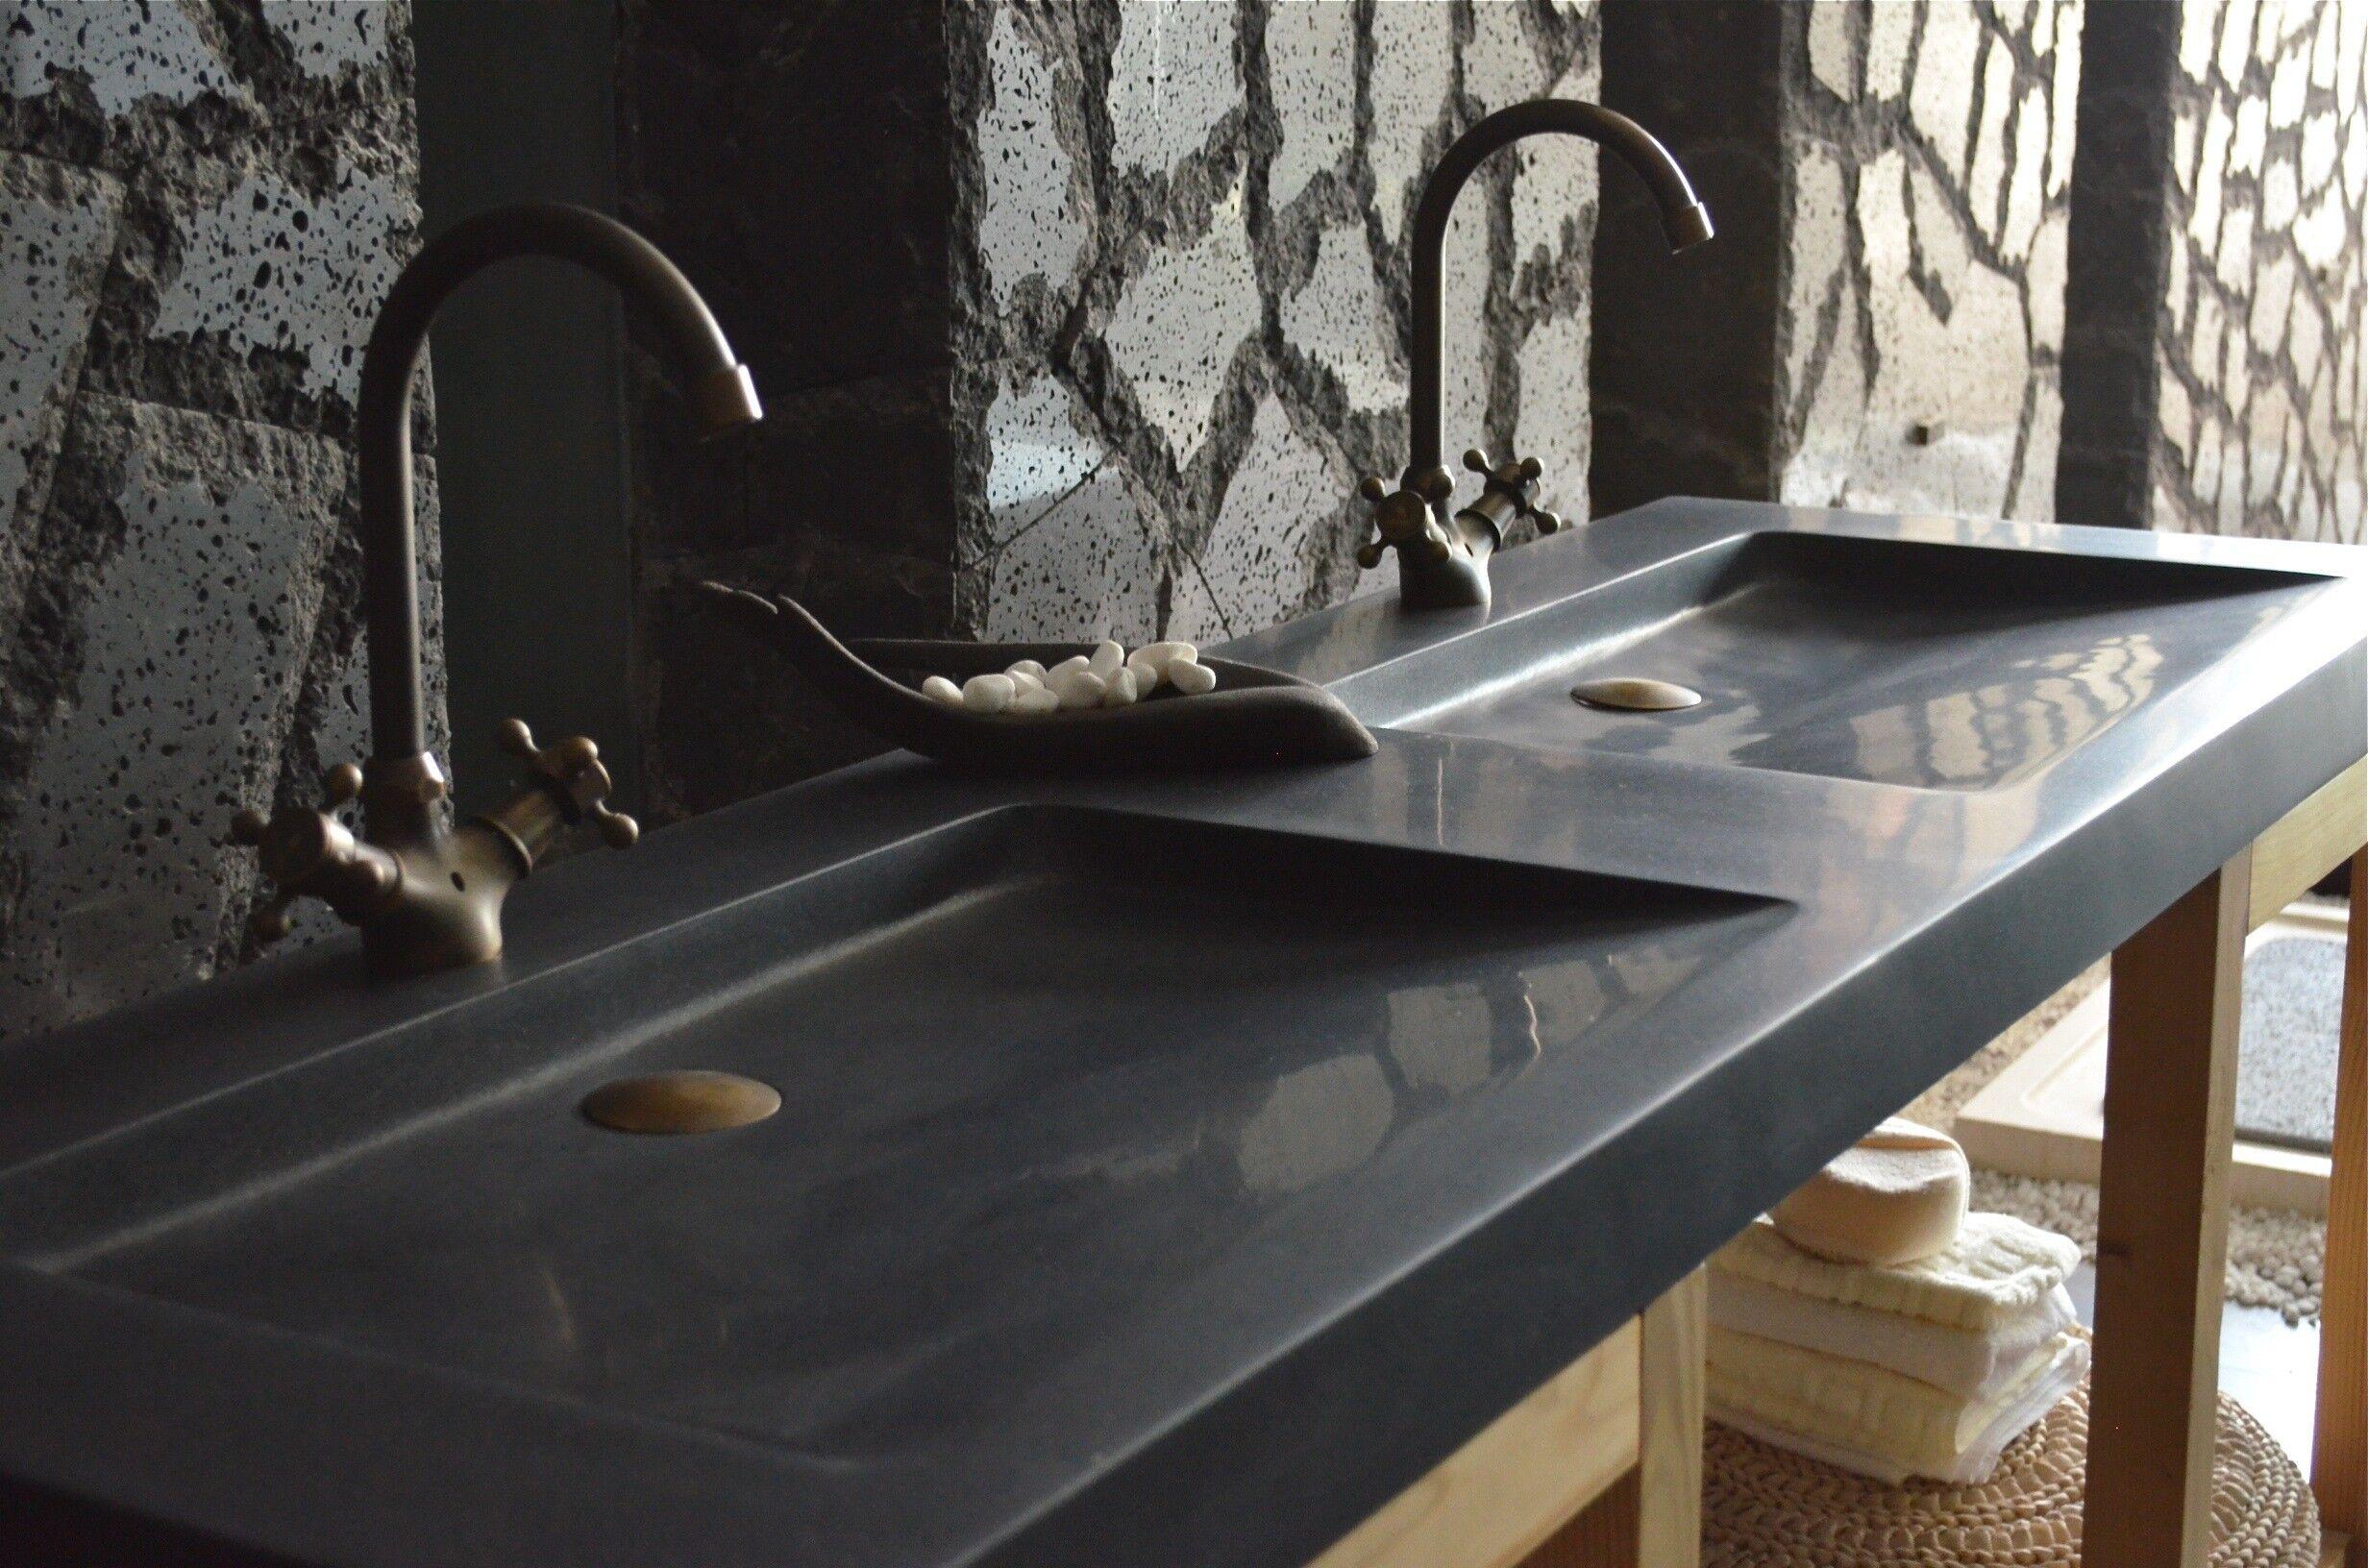 LivingRoc Double vasque en pierre 160x50 granit noir Luxe FOLEGE SHADOW